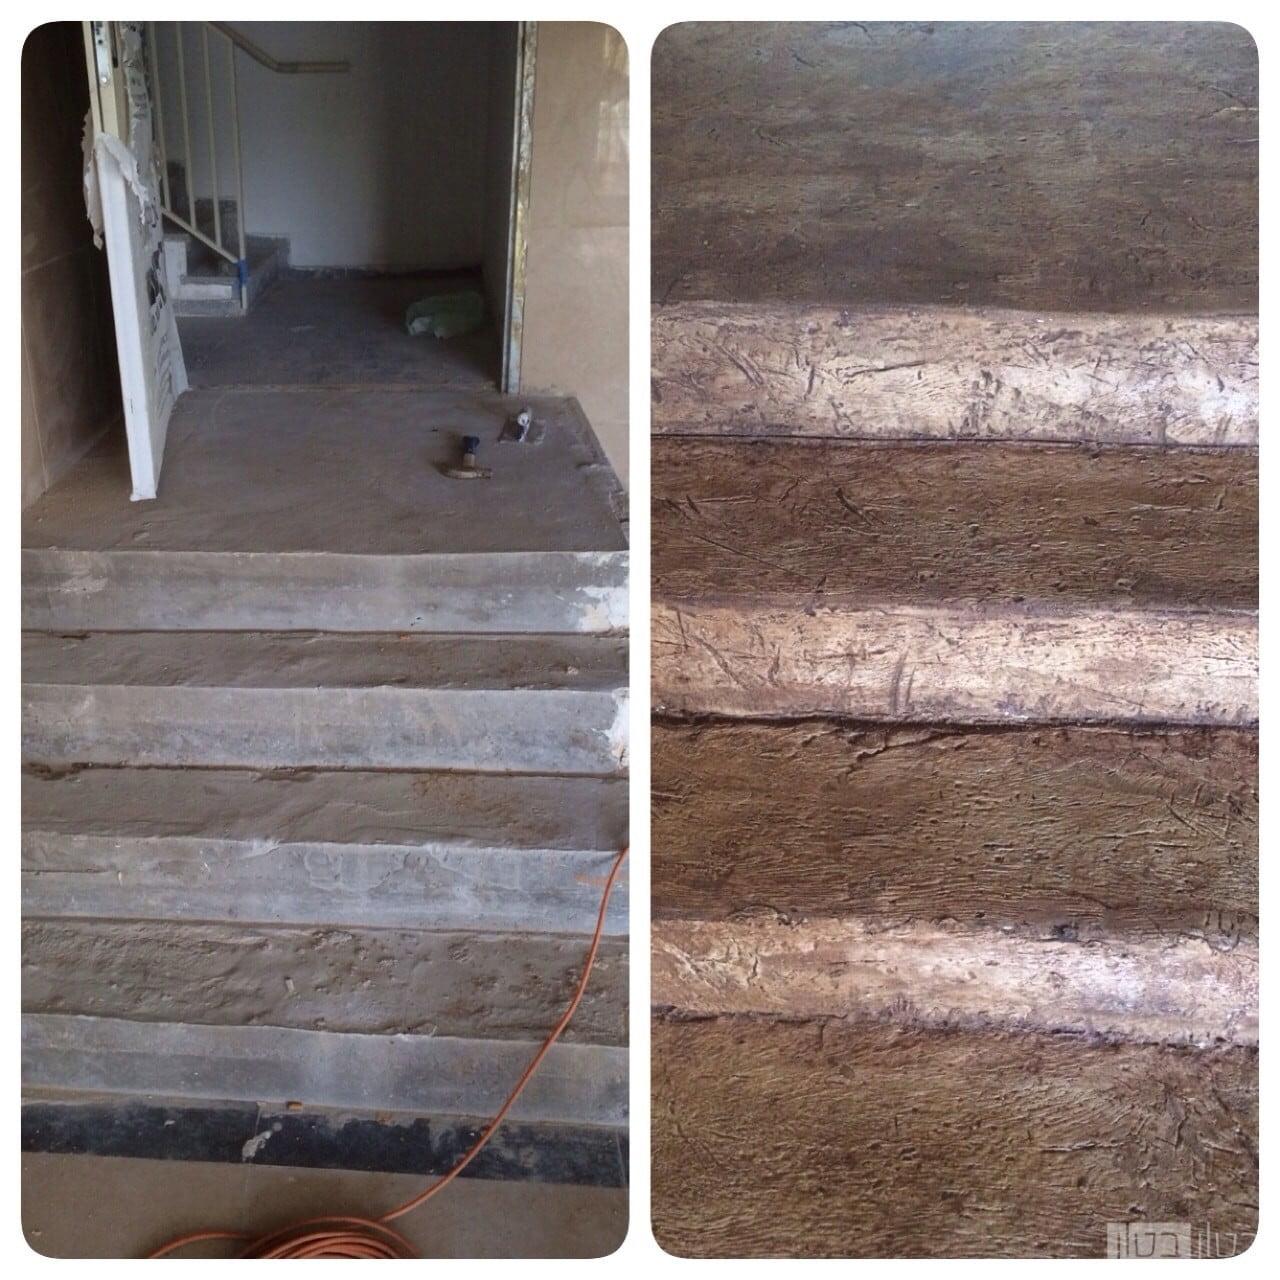 לפני ואחרי של מדרגות בחיפוי מיקרוטופינג בטקסטורה של קרשים